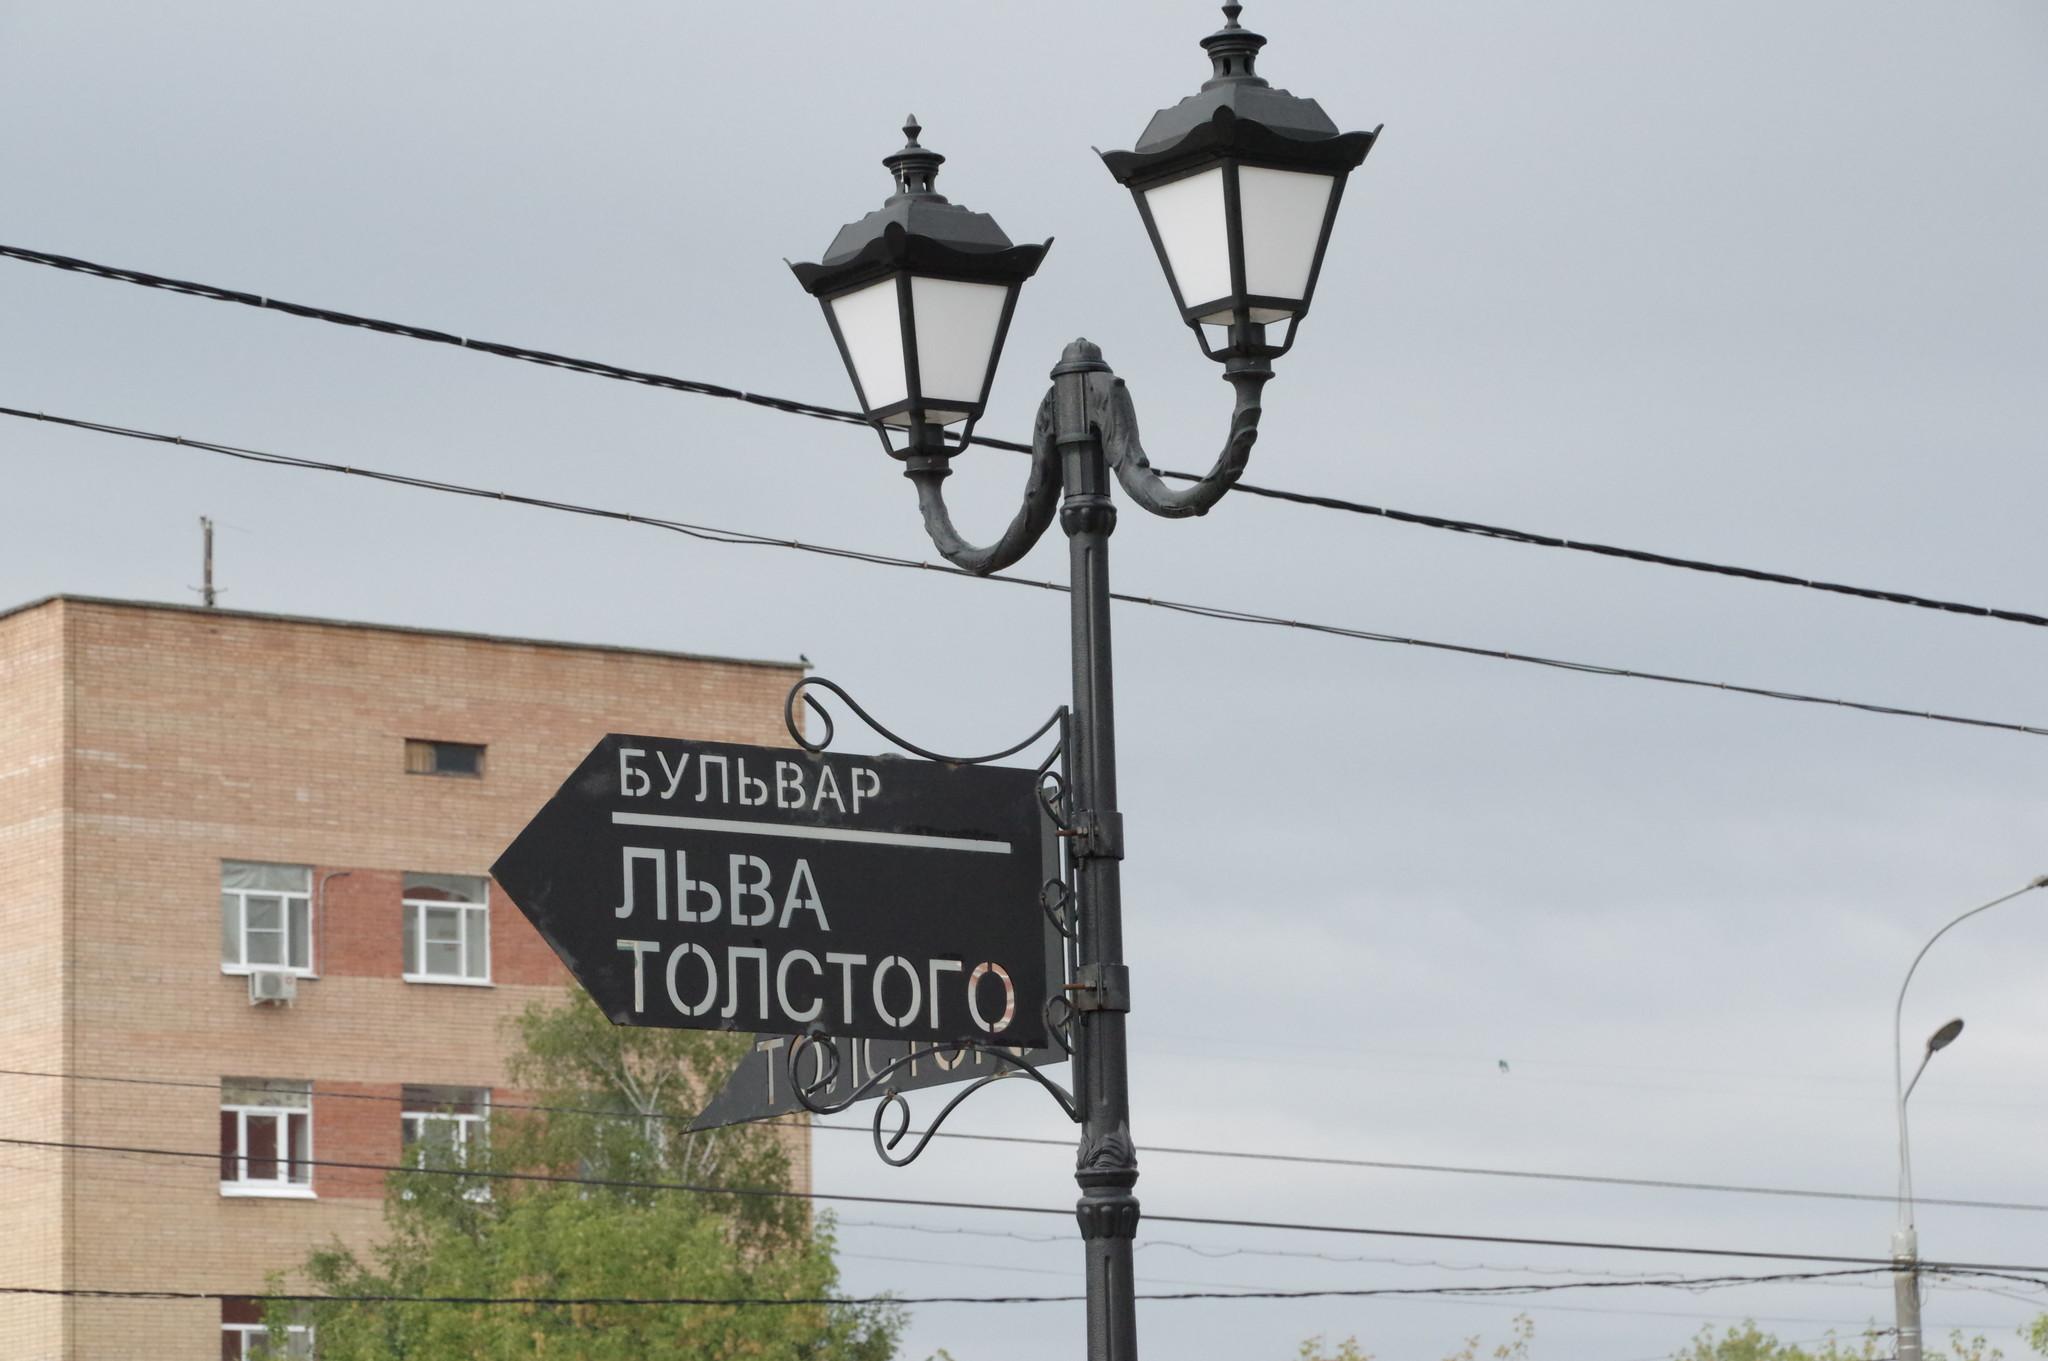 Бульвар Льва Толстого в Подольске